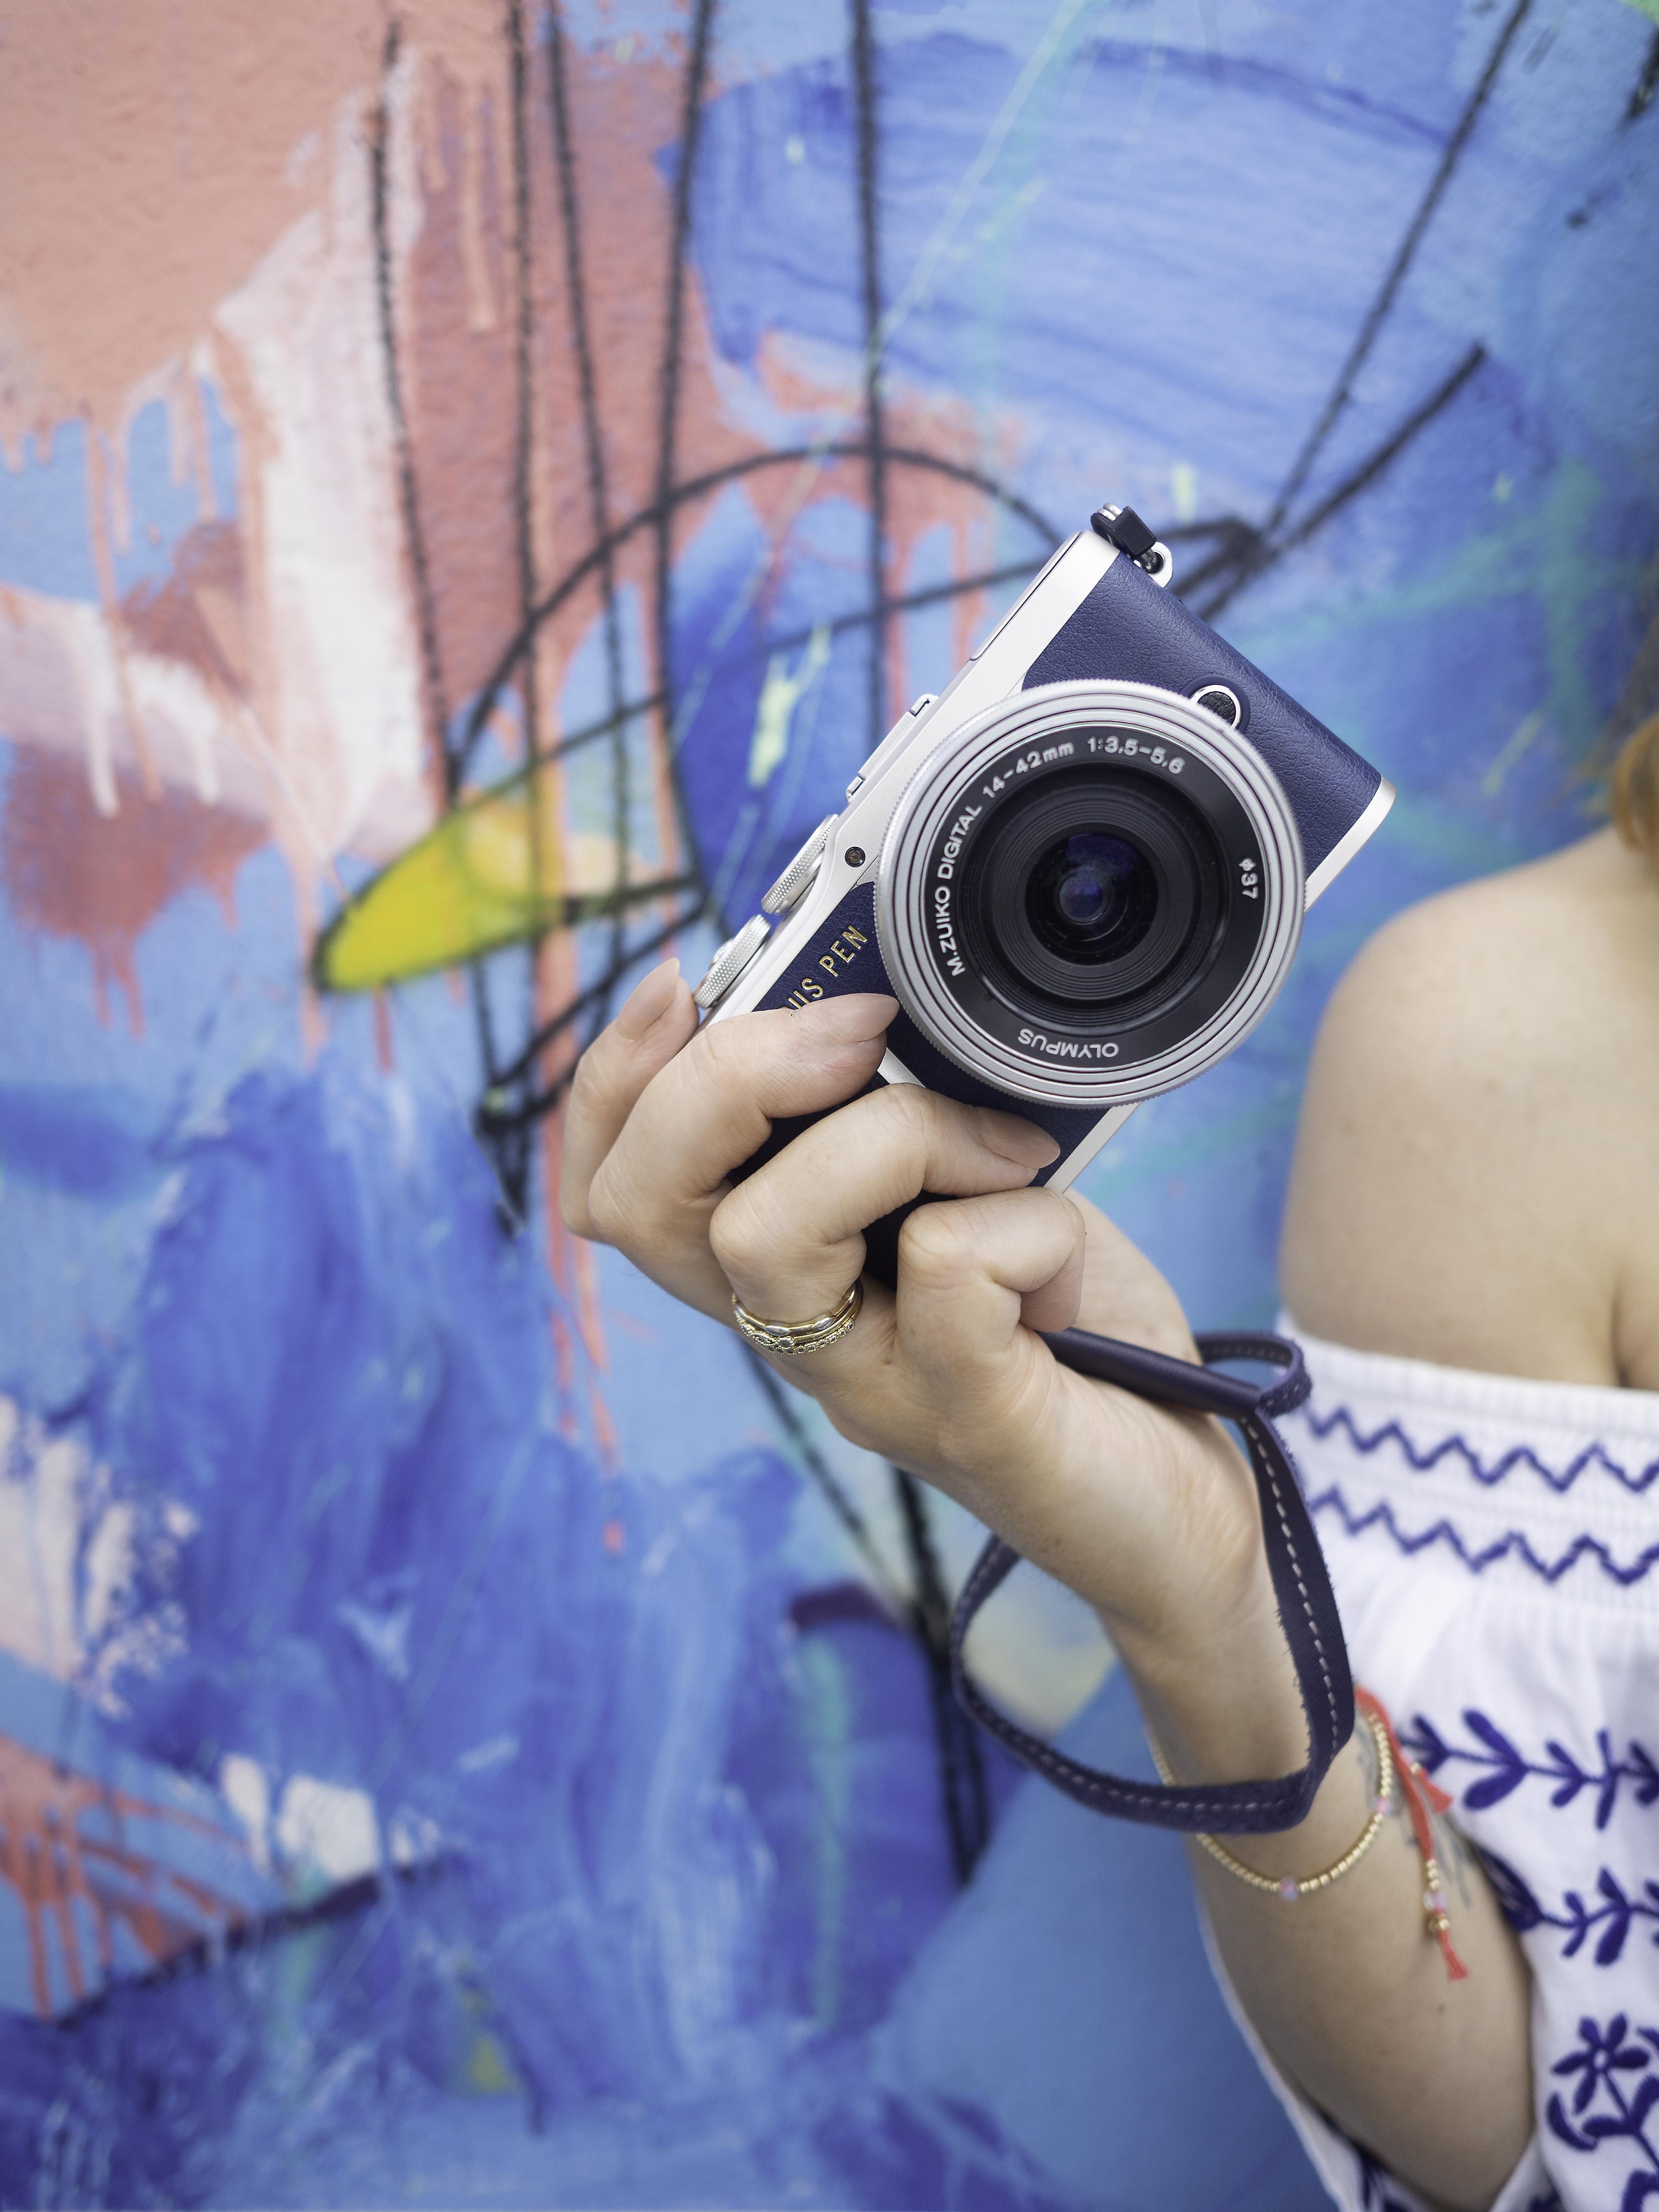 Nota de prensa: Pasión por la moda vaquera. Olympus lanza una versión especial de su últma cámara pen en azul. 03_blue-epl9-4